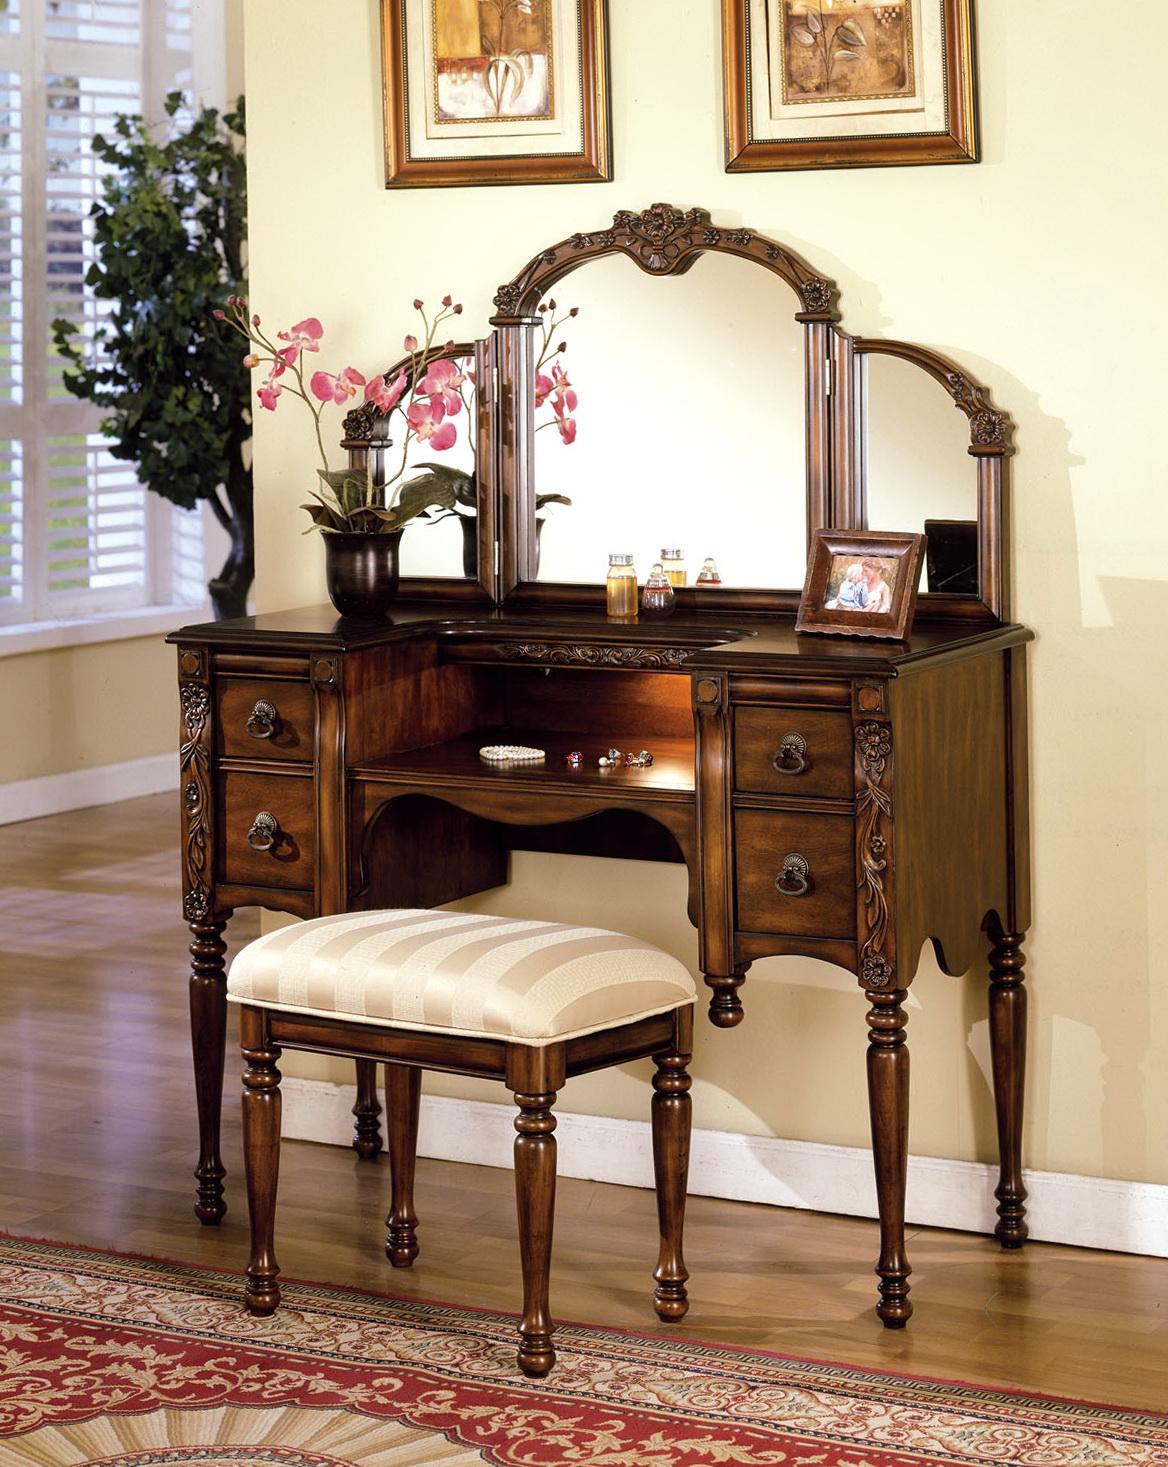 Antique Makeup Vanity With Mirror - Antique Makeup Vanity With Mirror Home Design Ideas